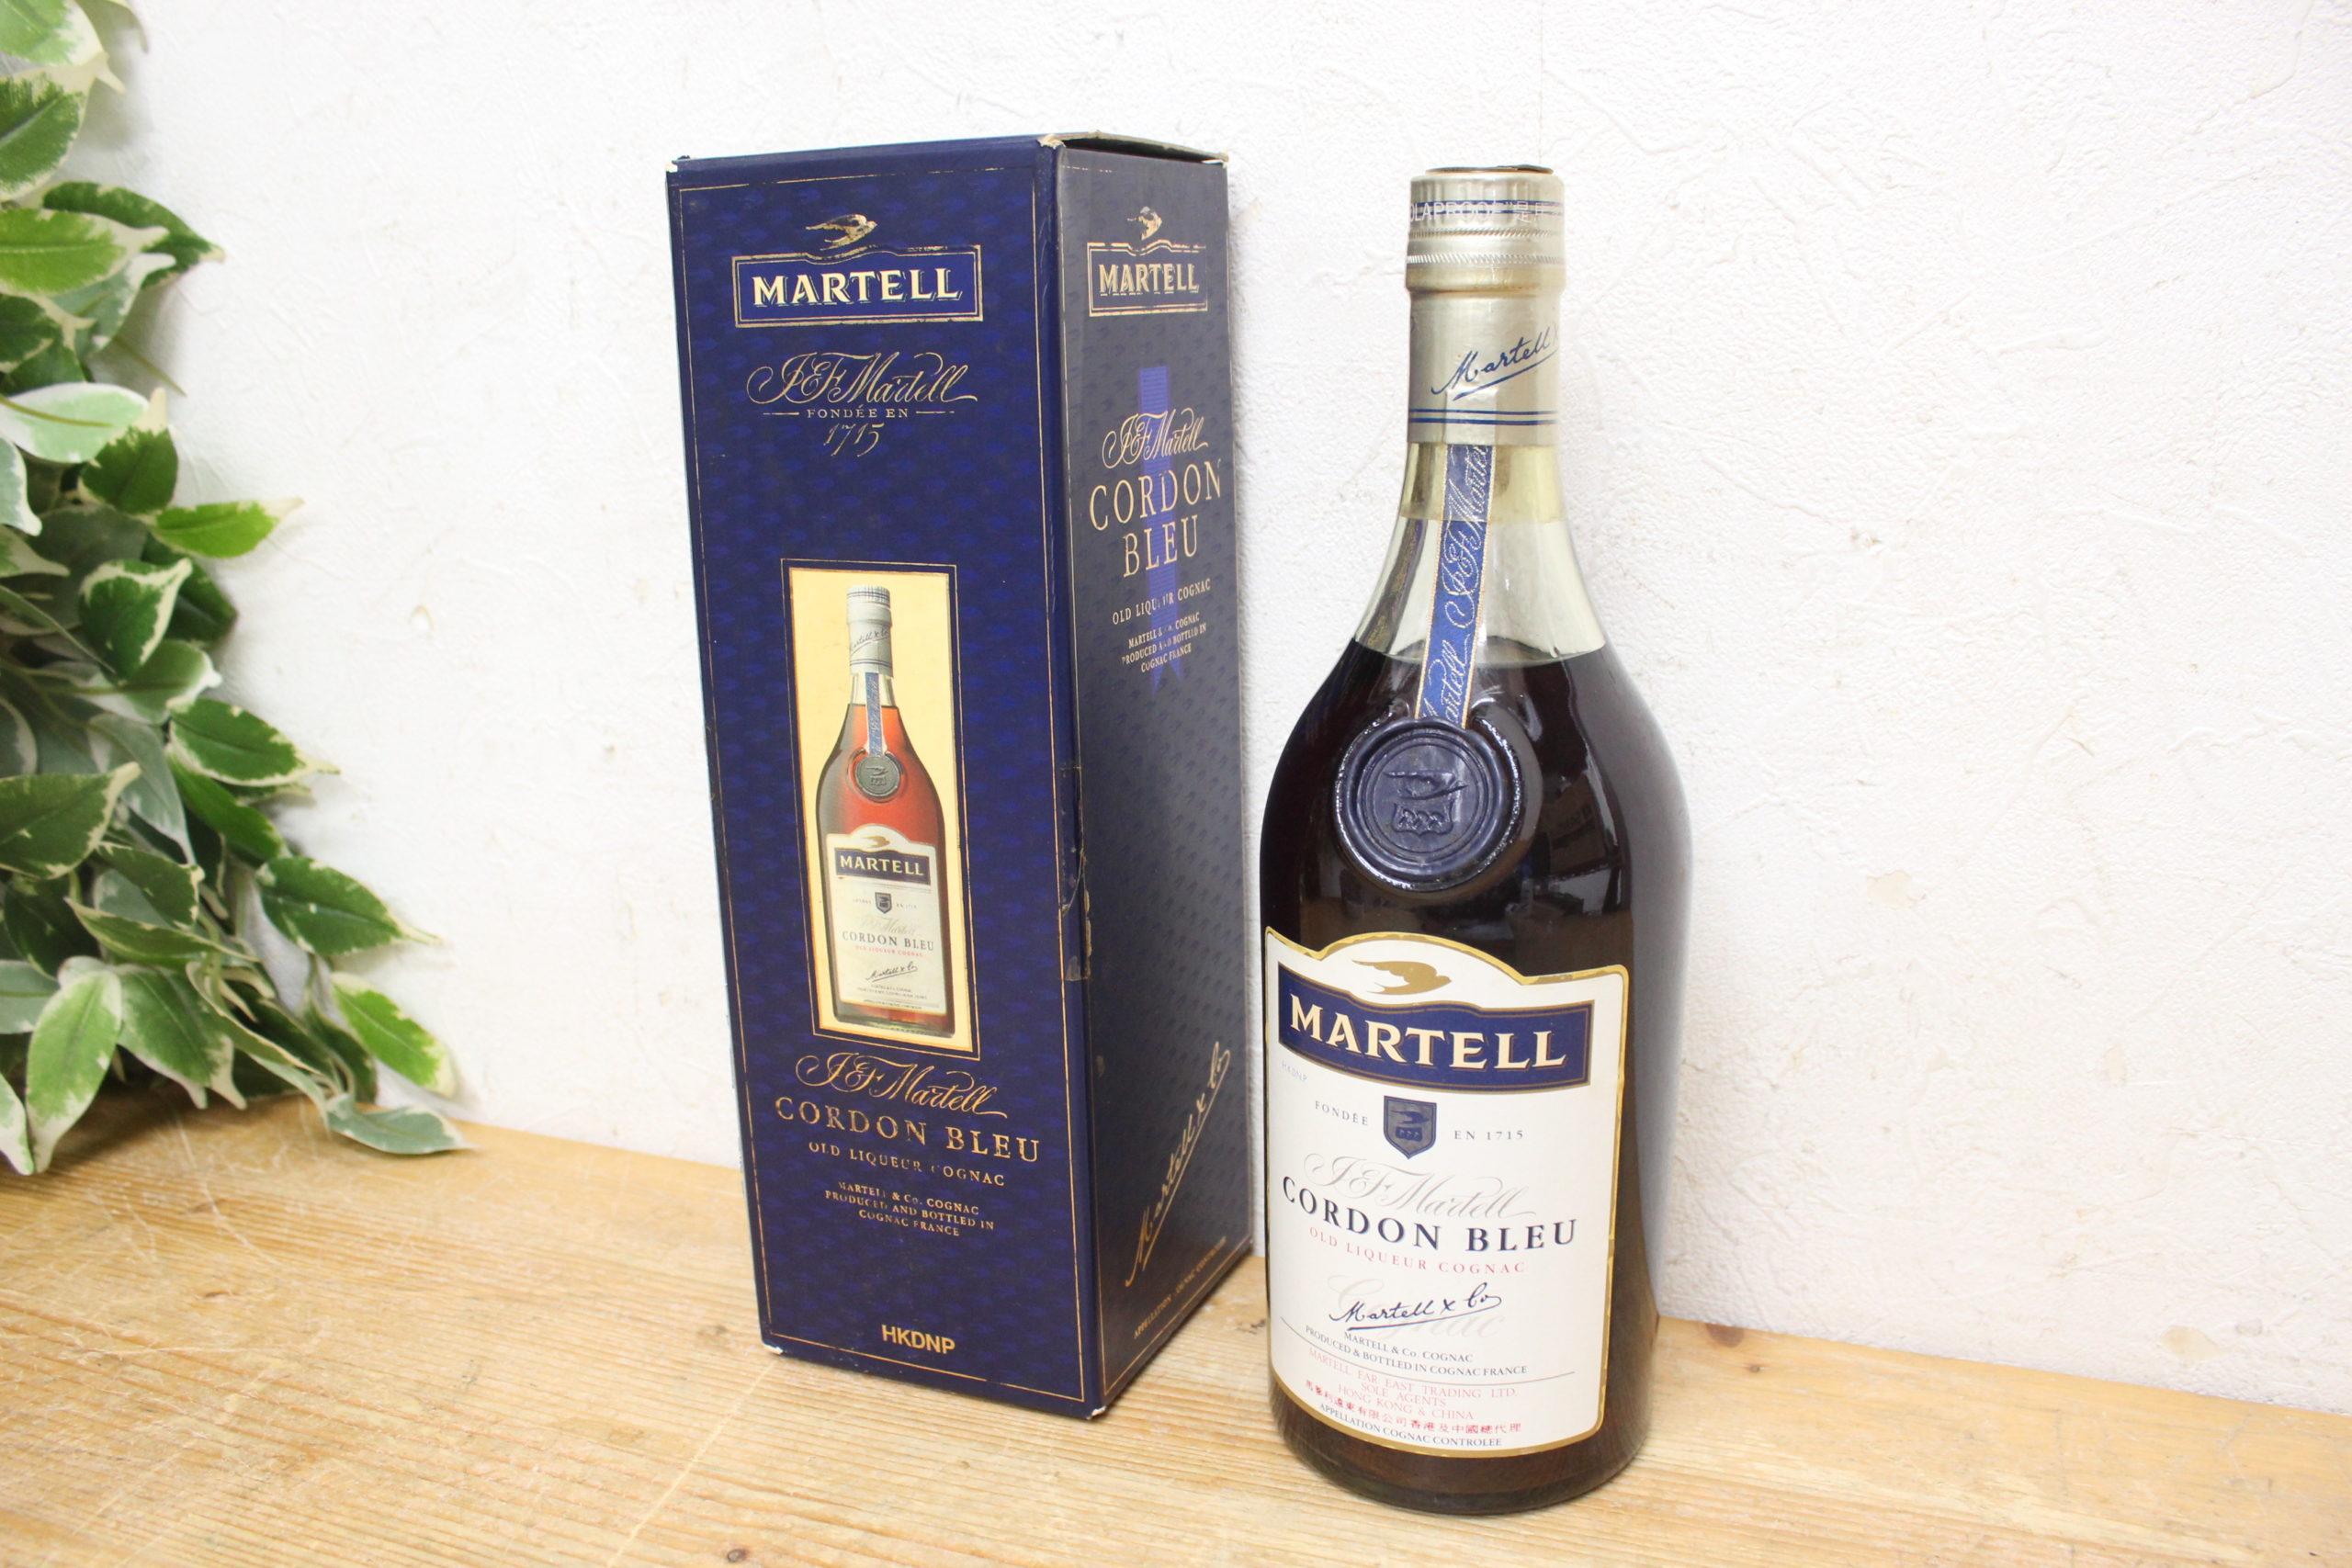 (福岡市中央区)MARTELL CORDON BLEU マーテル コルドンブルー お酒の買取お任せ下さい!!の買取-